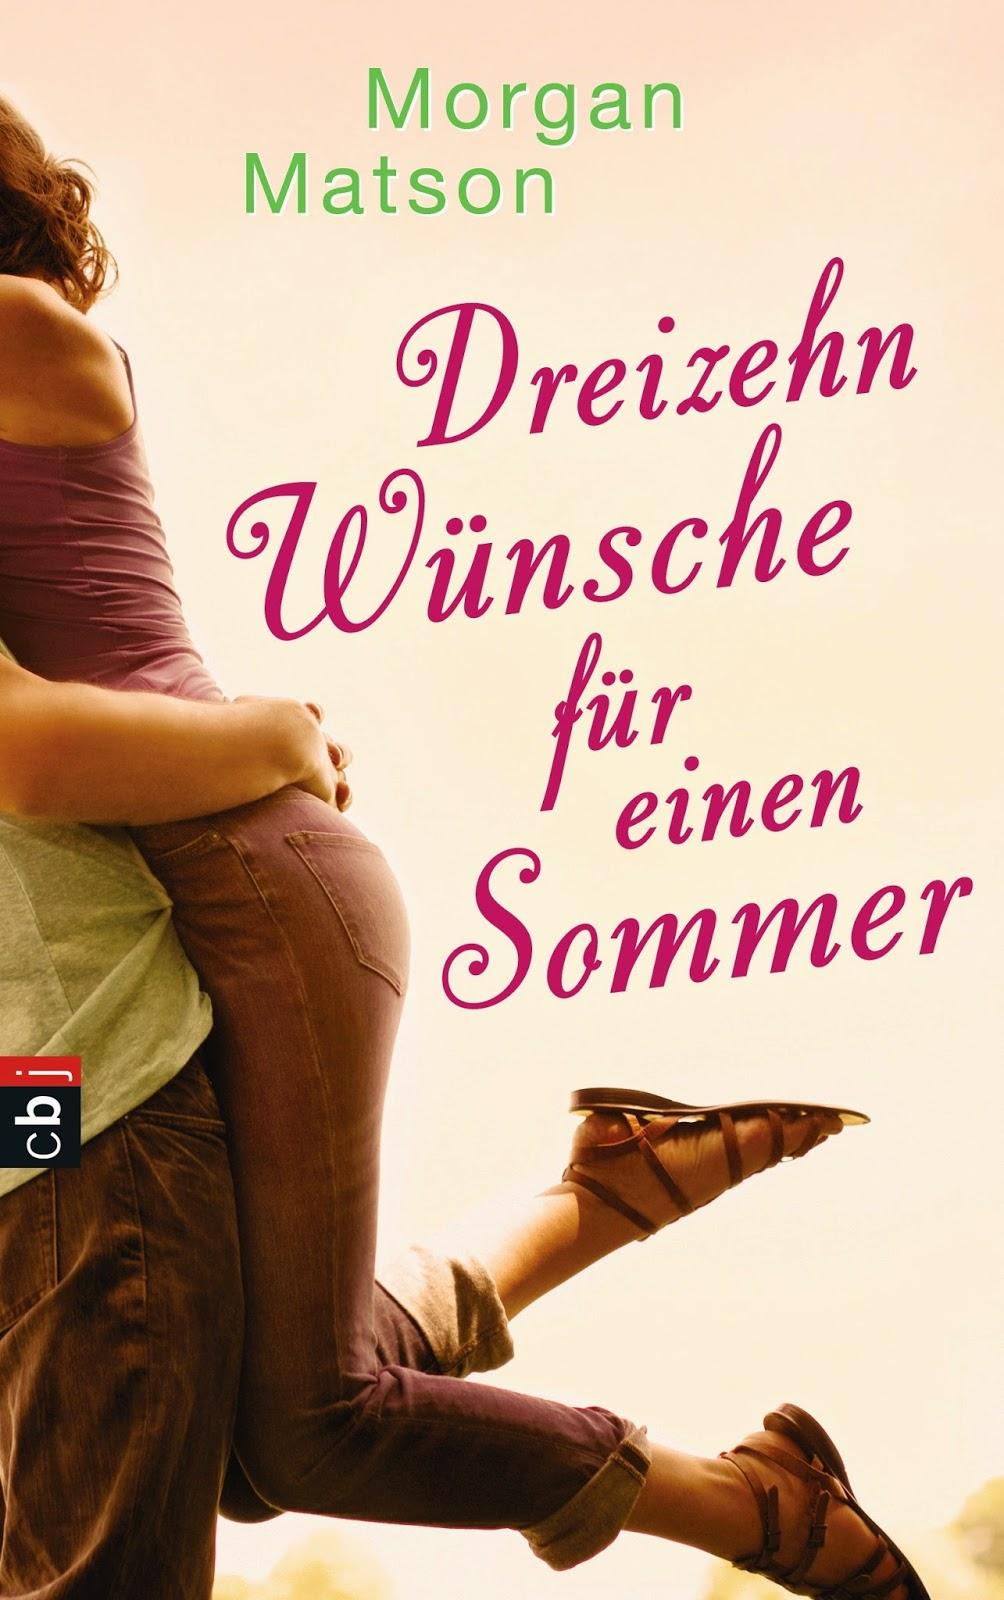 http://www.randomhouse.de/Presse/Paperback/Dreizehn-Wuensche-fuer-einen-Sommer/Morgan-Matson/pr467316.rhd?pub=13000&men=758&mid=5